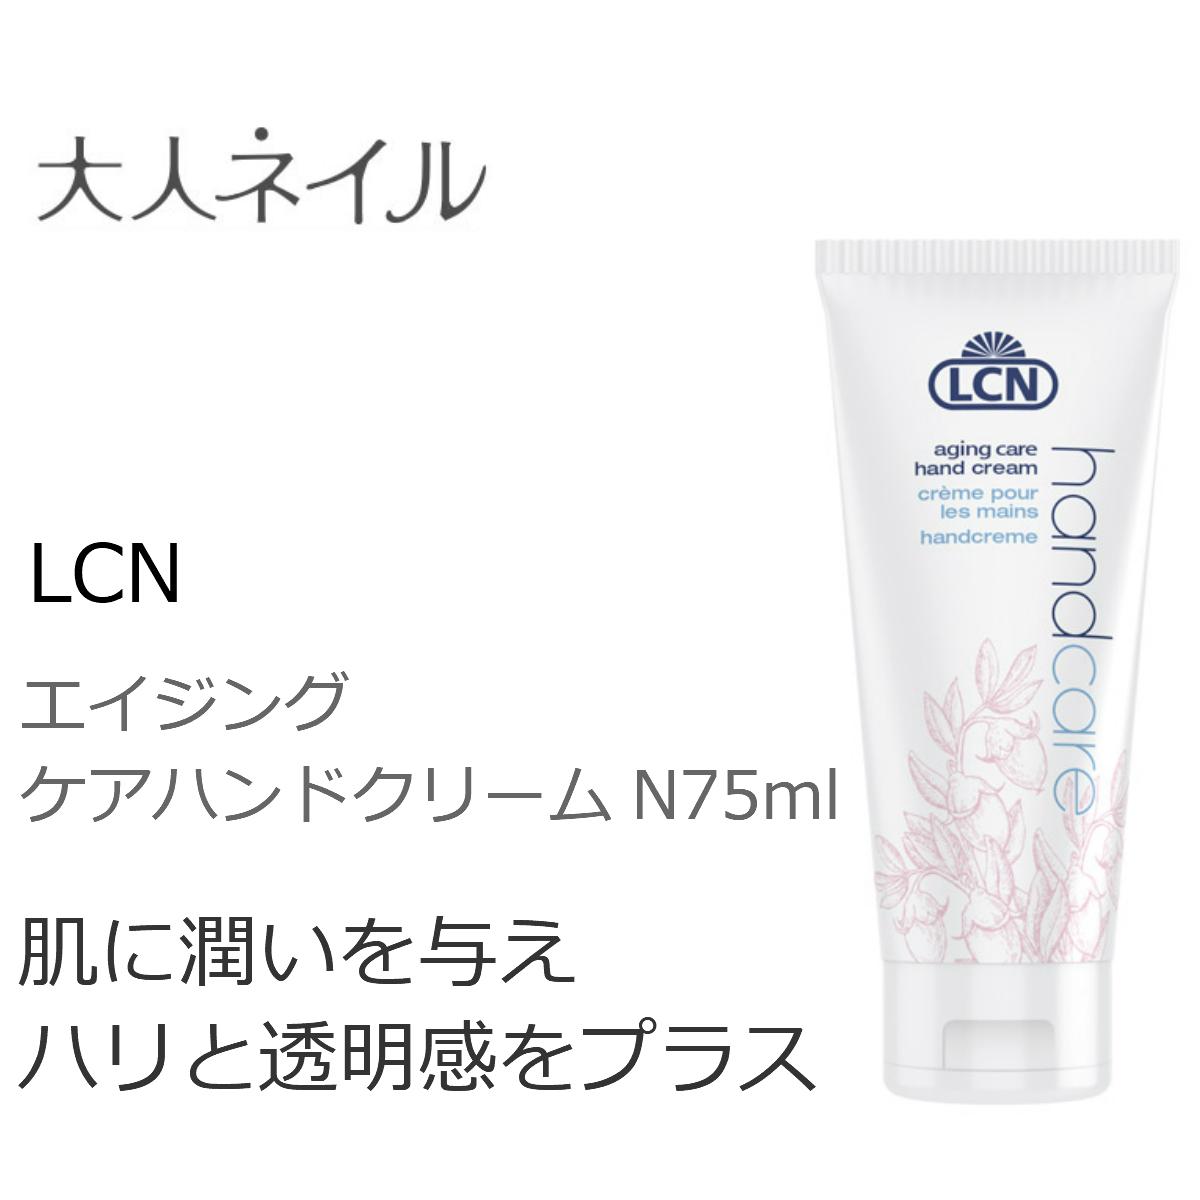 リニューアル!LCN エイジングケア ハンドクリーム N 75ml シワ くすみ 紫外線 乾燥 手肌 フローラル 香り